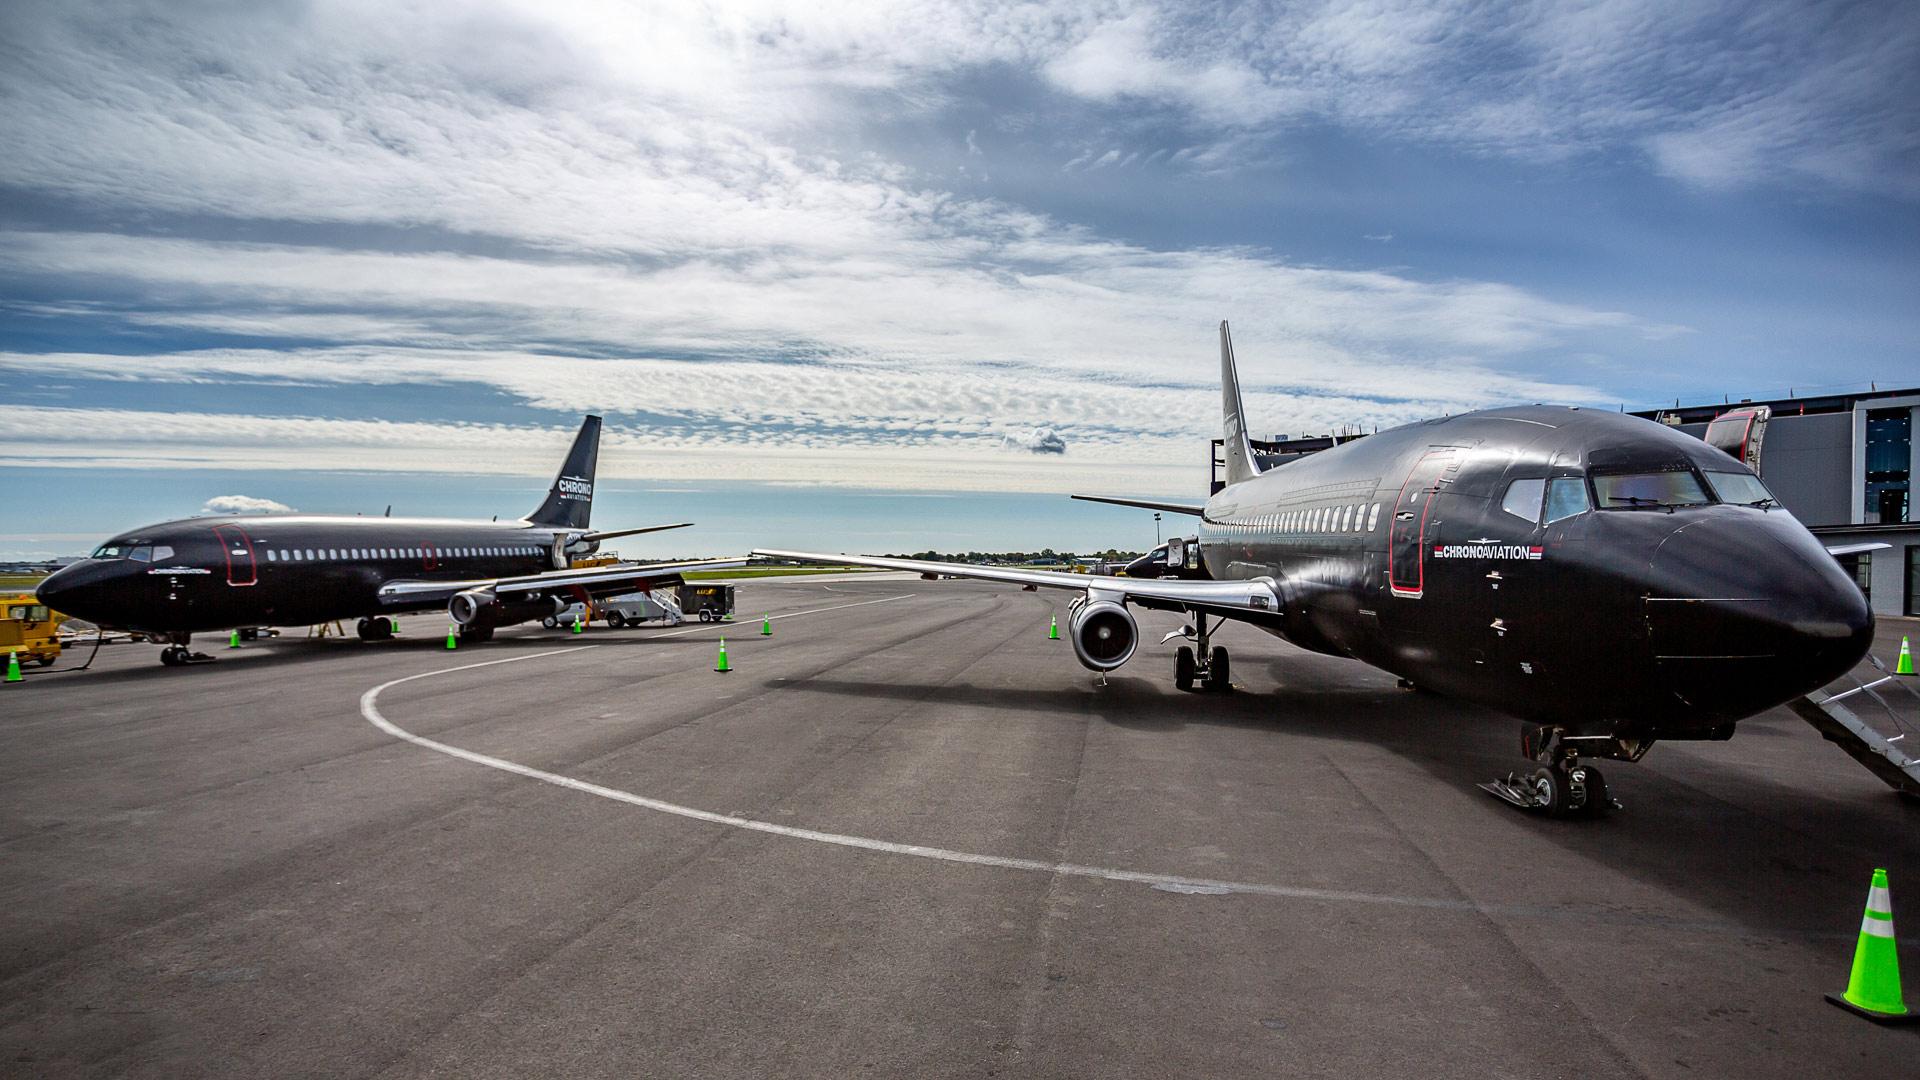 Identité visuelle   Deux Boeing 737 sur le tarmac   Chrono Aviation